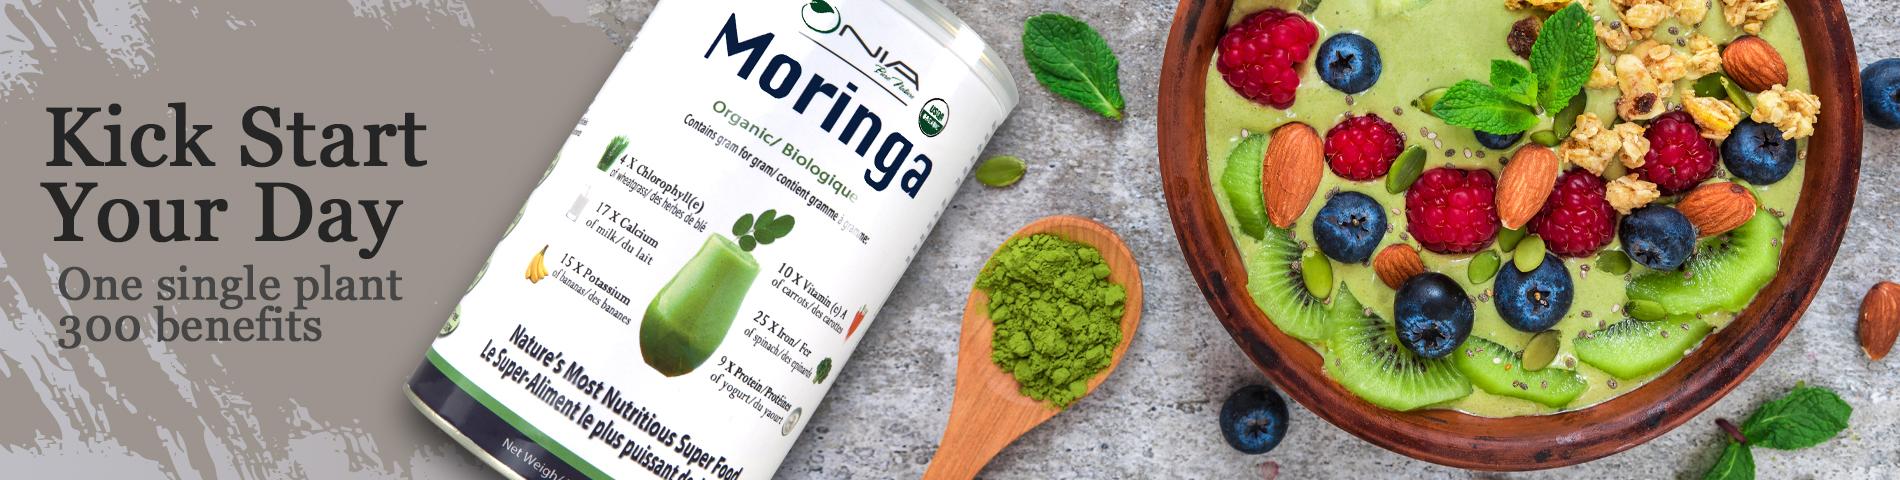 Kick start your day with Moringa